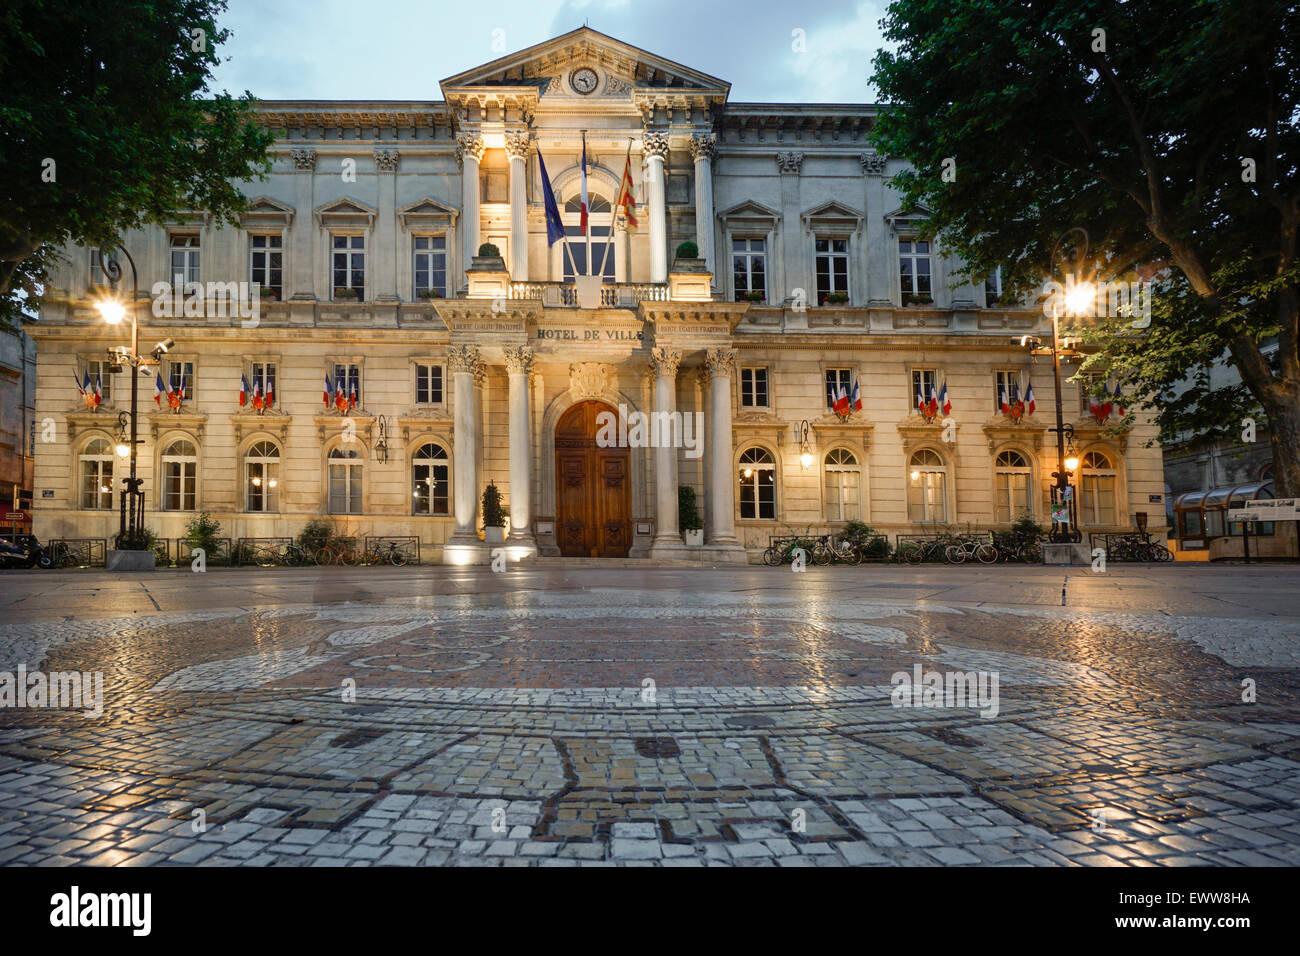 Hotel de Ville, Cobble Stone Mosaik, Avignon, Bouche du Rhone, Frankreich Stockbild